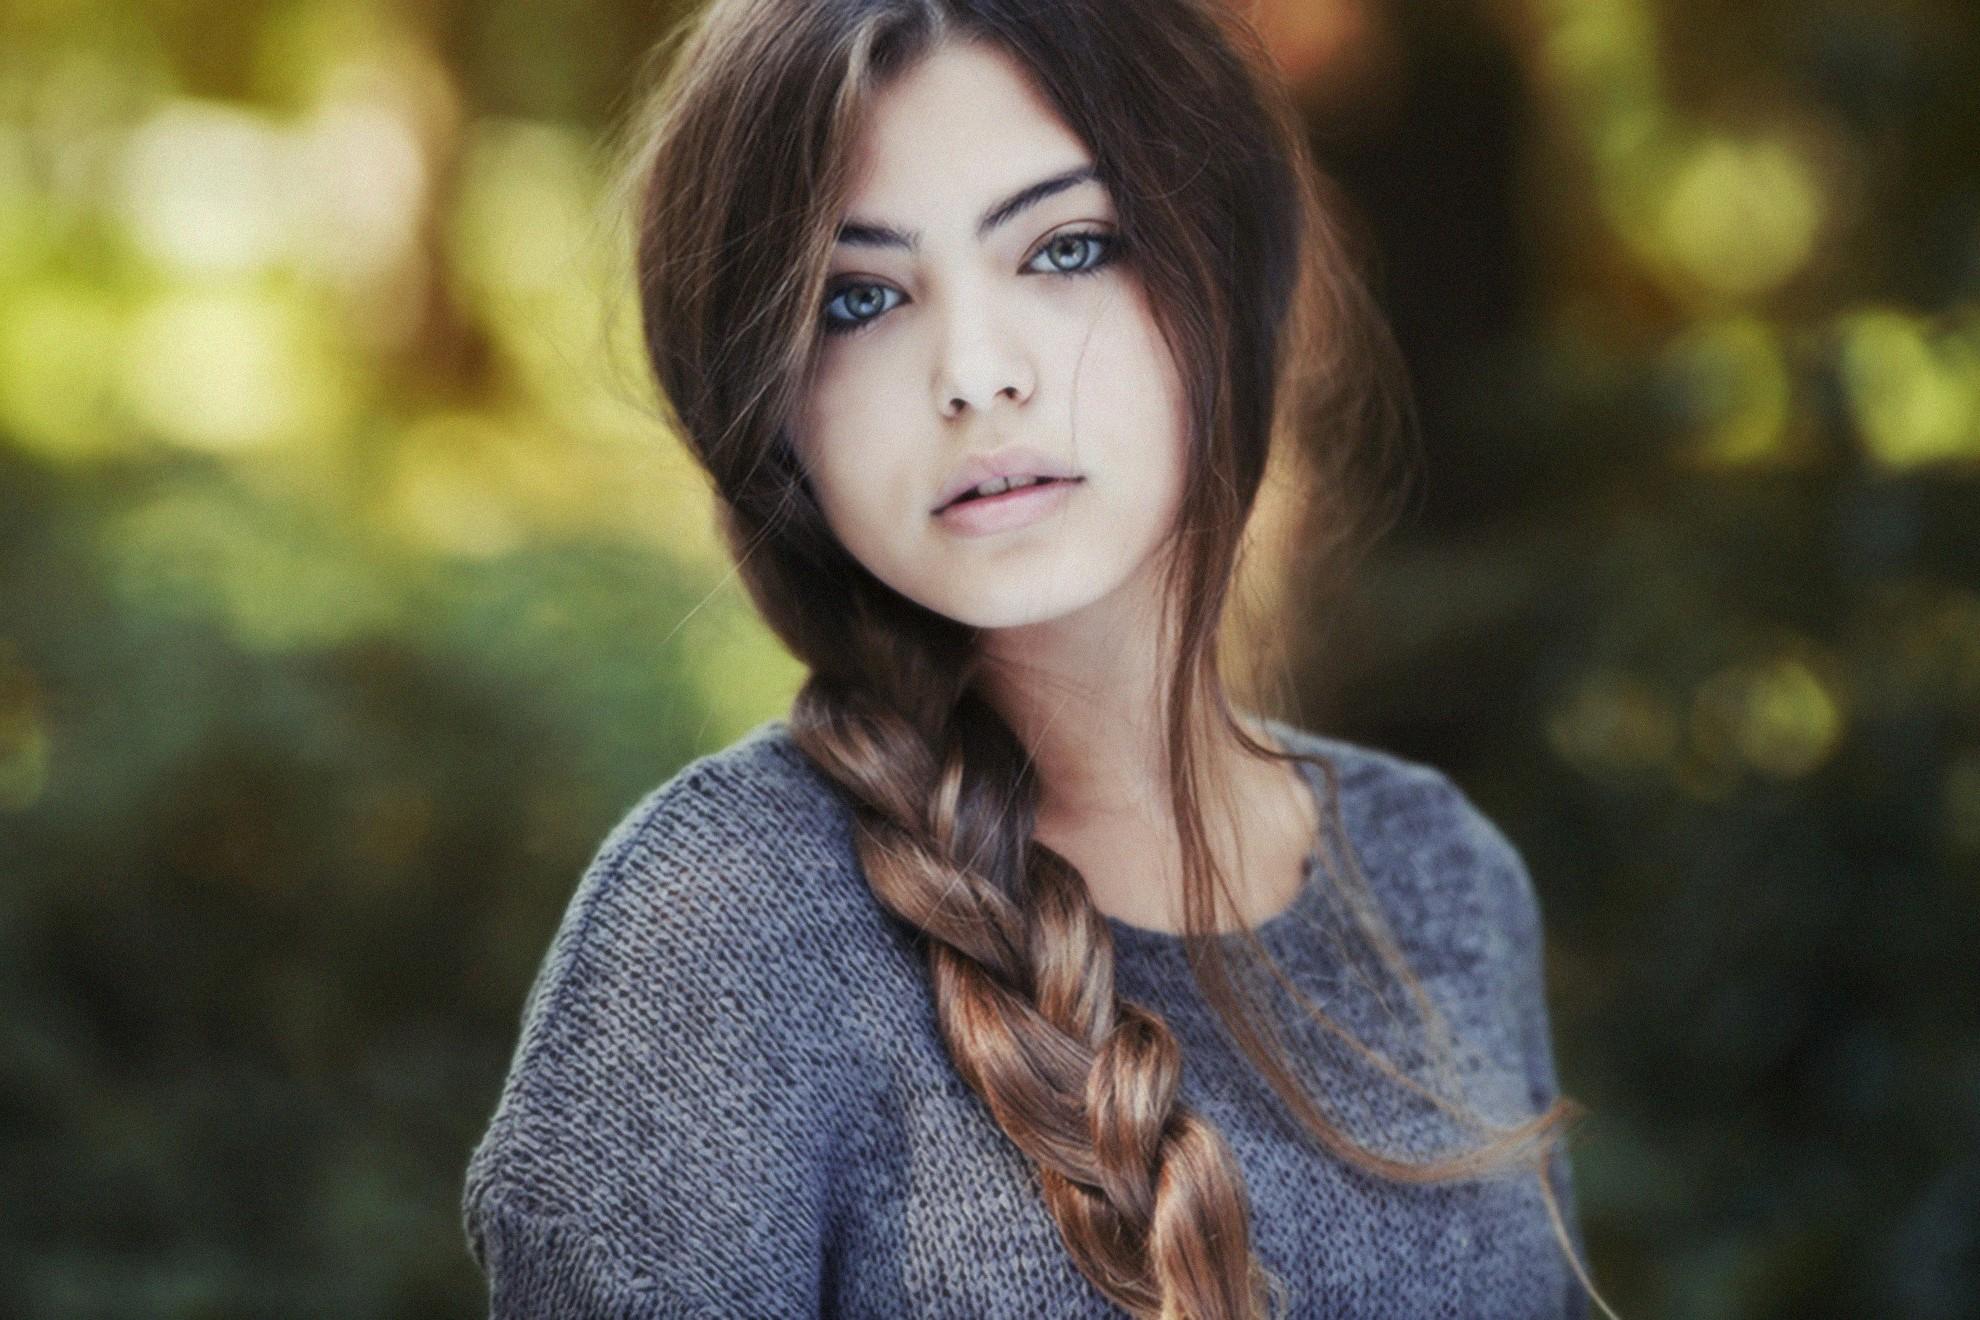 Wallpaper Face Women Outdoors Model Long Hair